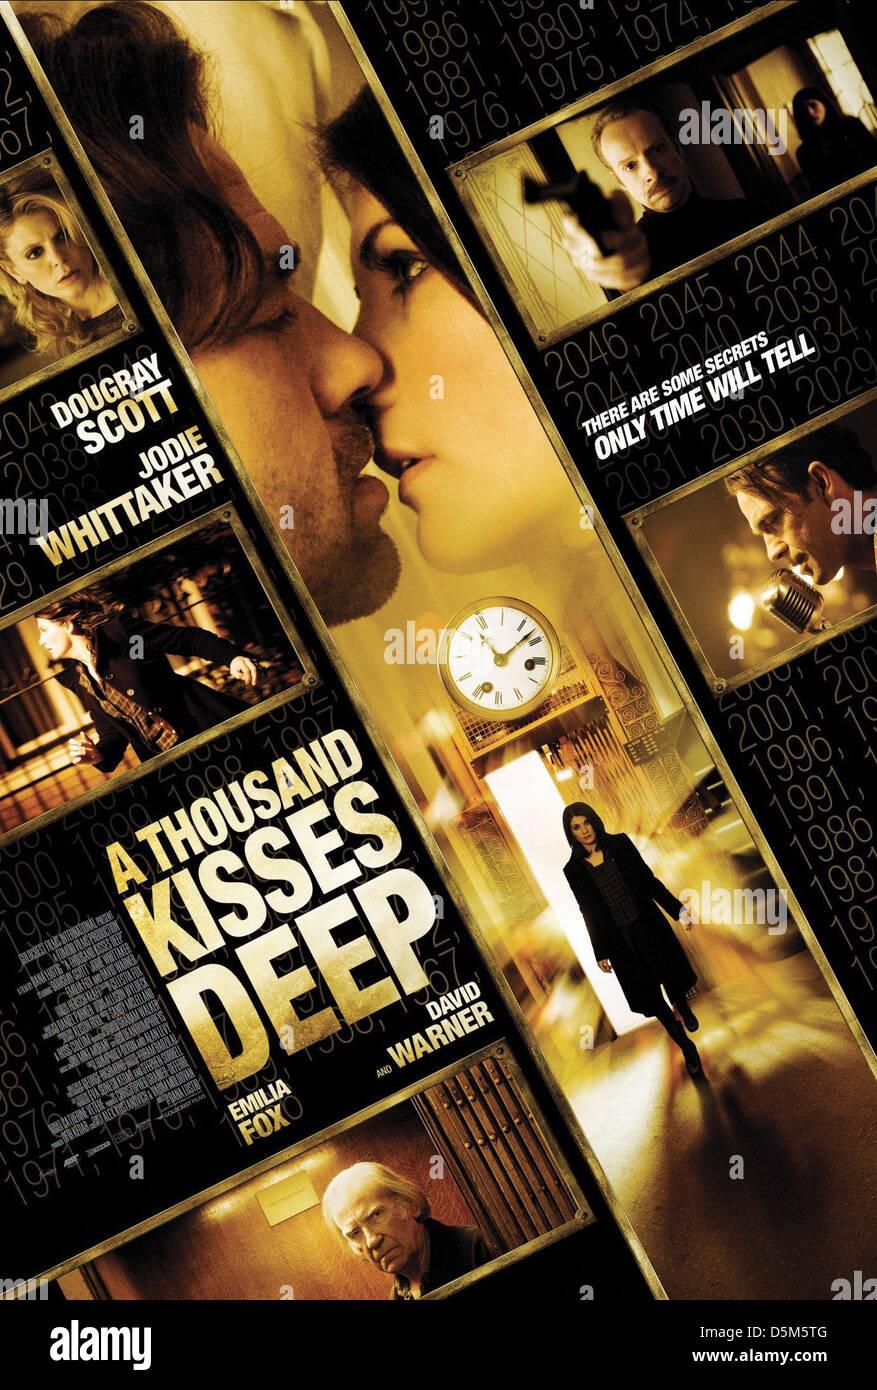 POSTER del filmato un migliaio di baci profondi (2011) Immagini Stock